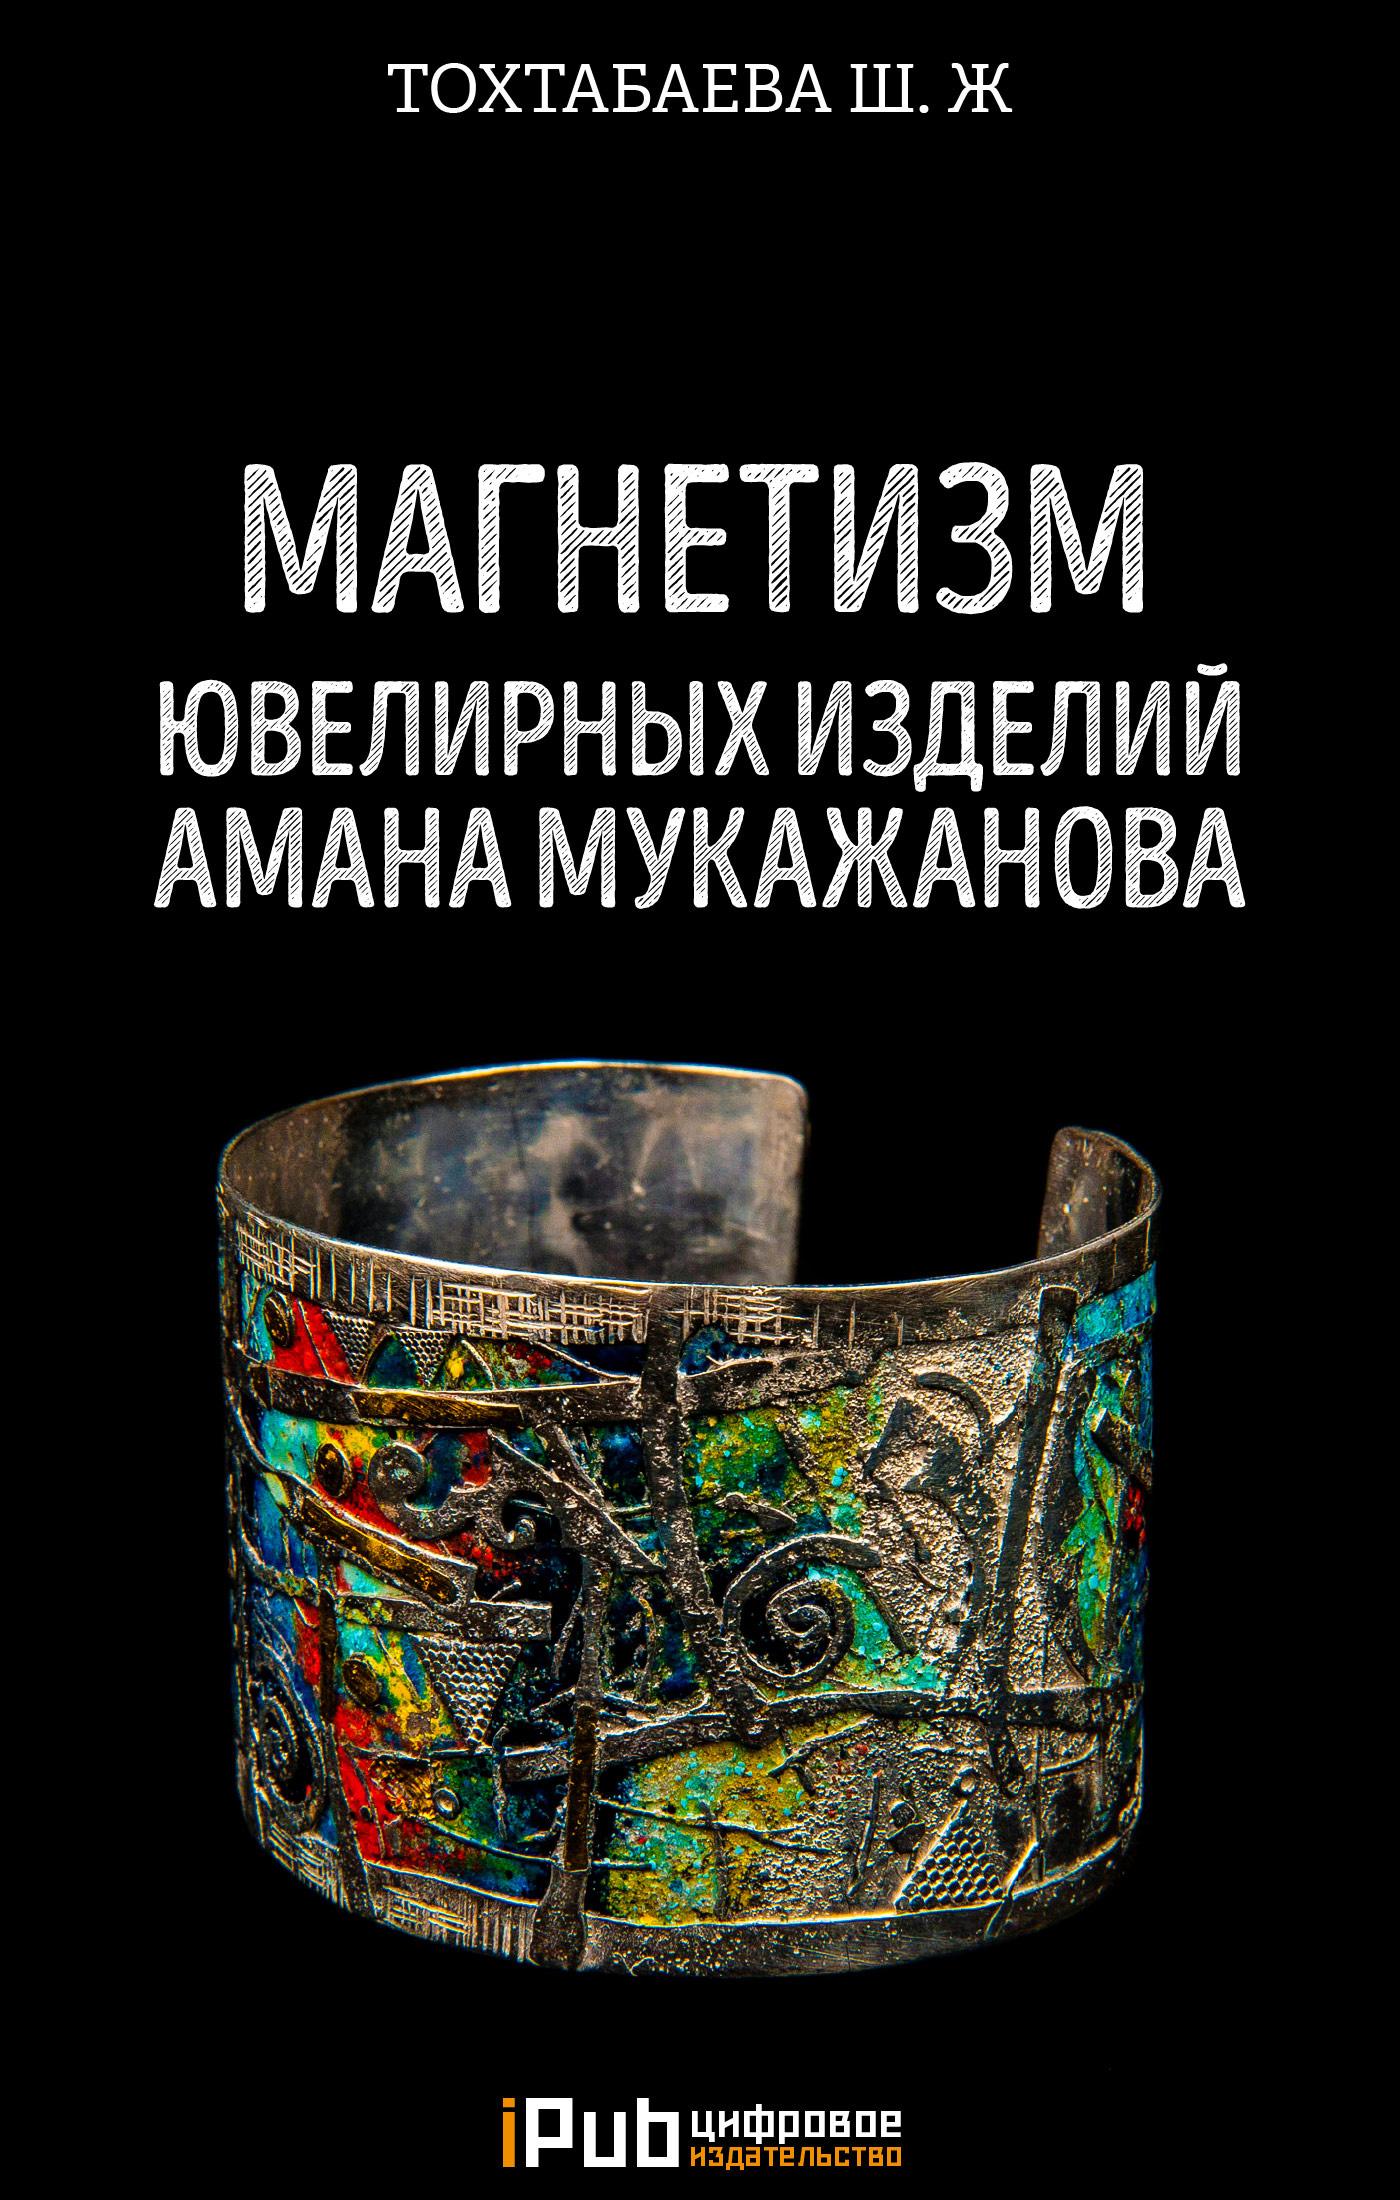 Магнетизм ювелирных изделий Амана Мукажанова